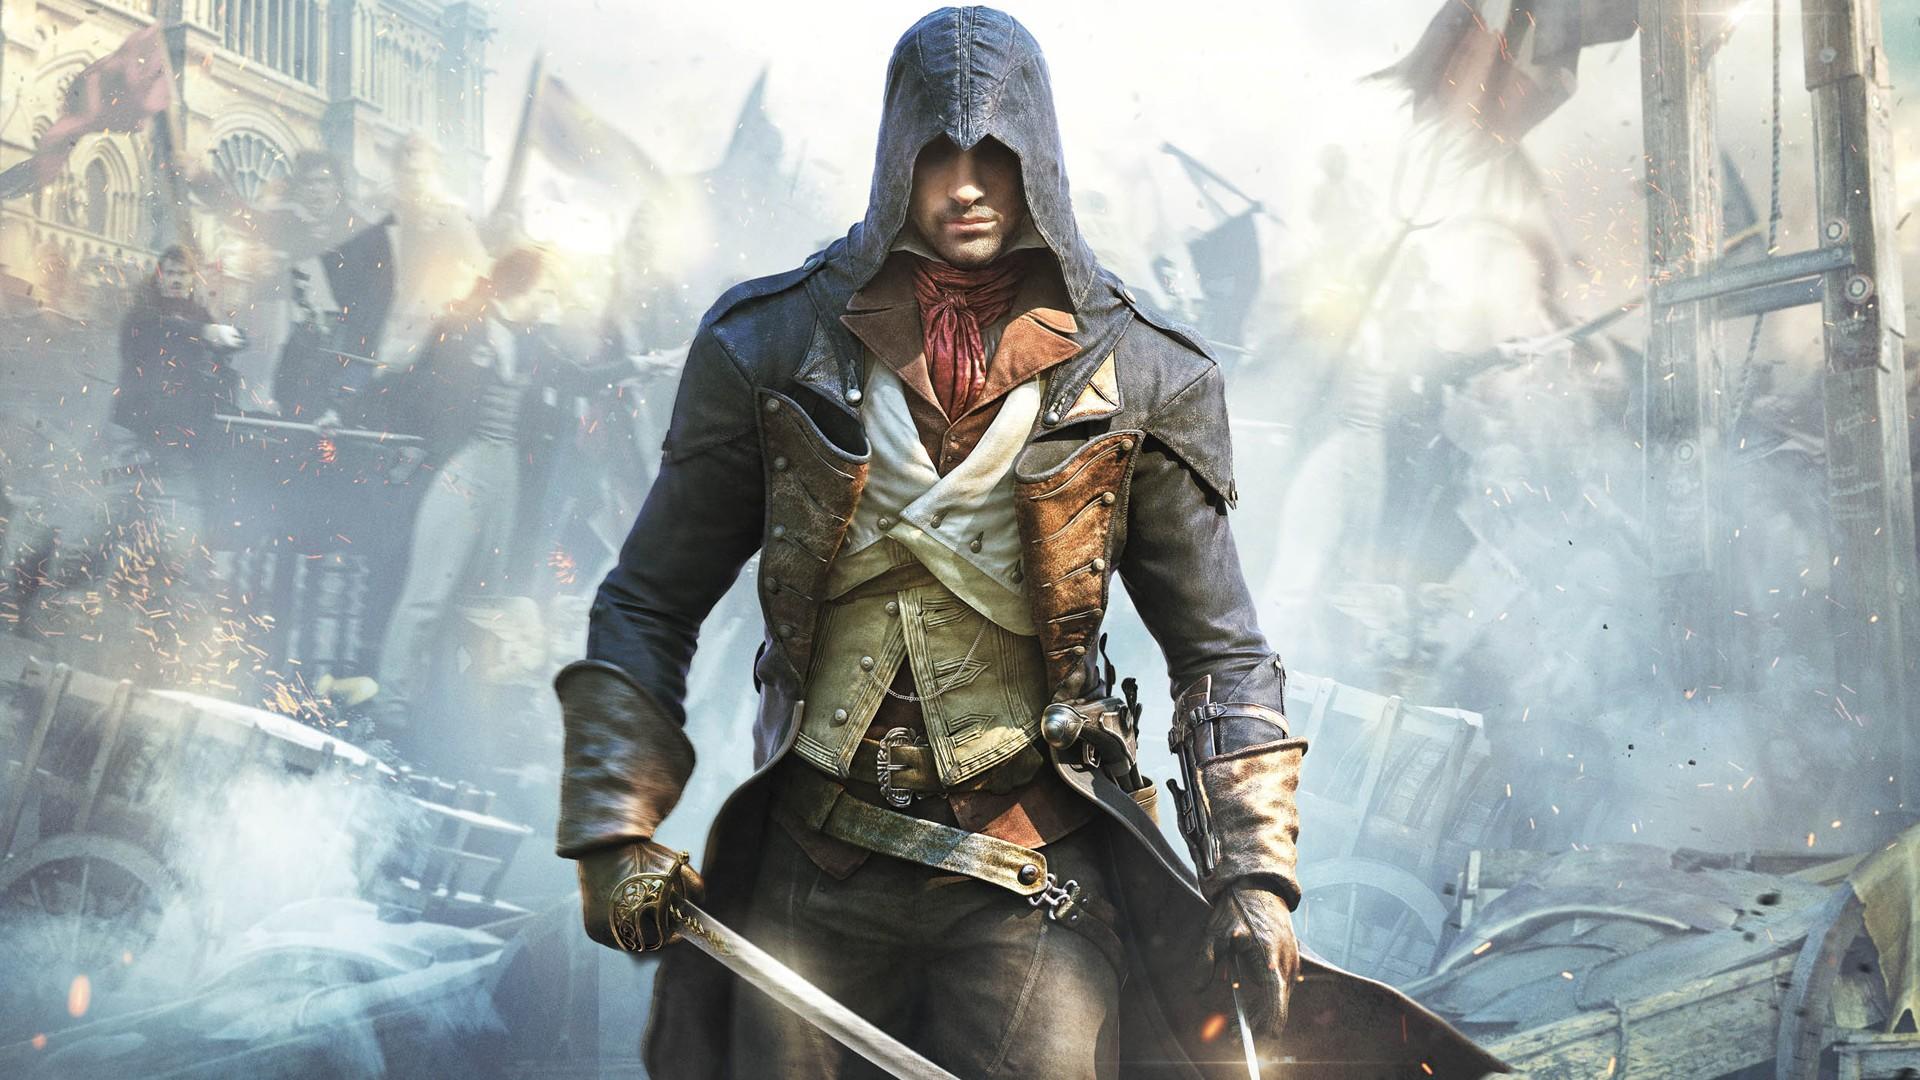 تصاویری از باگ هایی وحشتناک و ناامیدکننده در بازی Assassin's Creed Unity